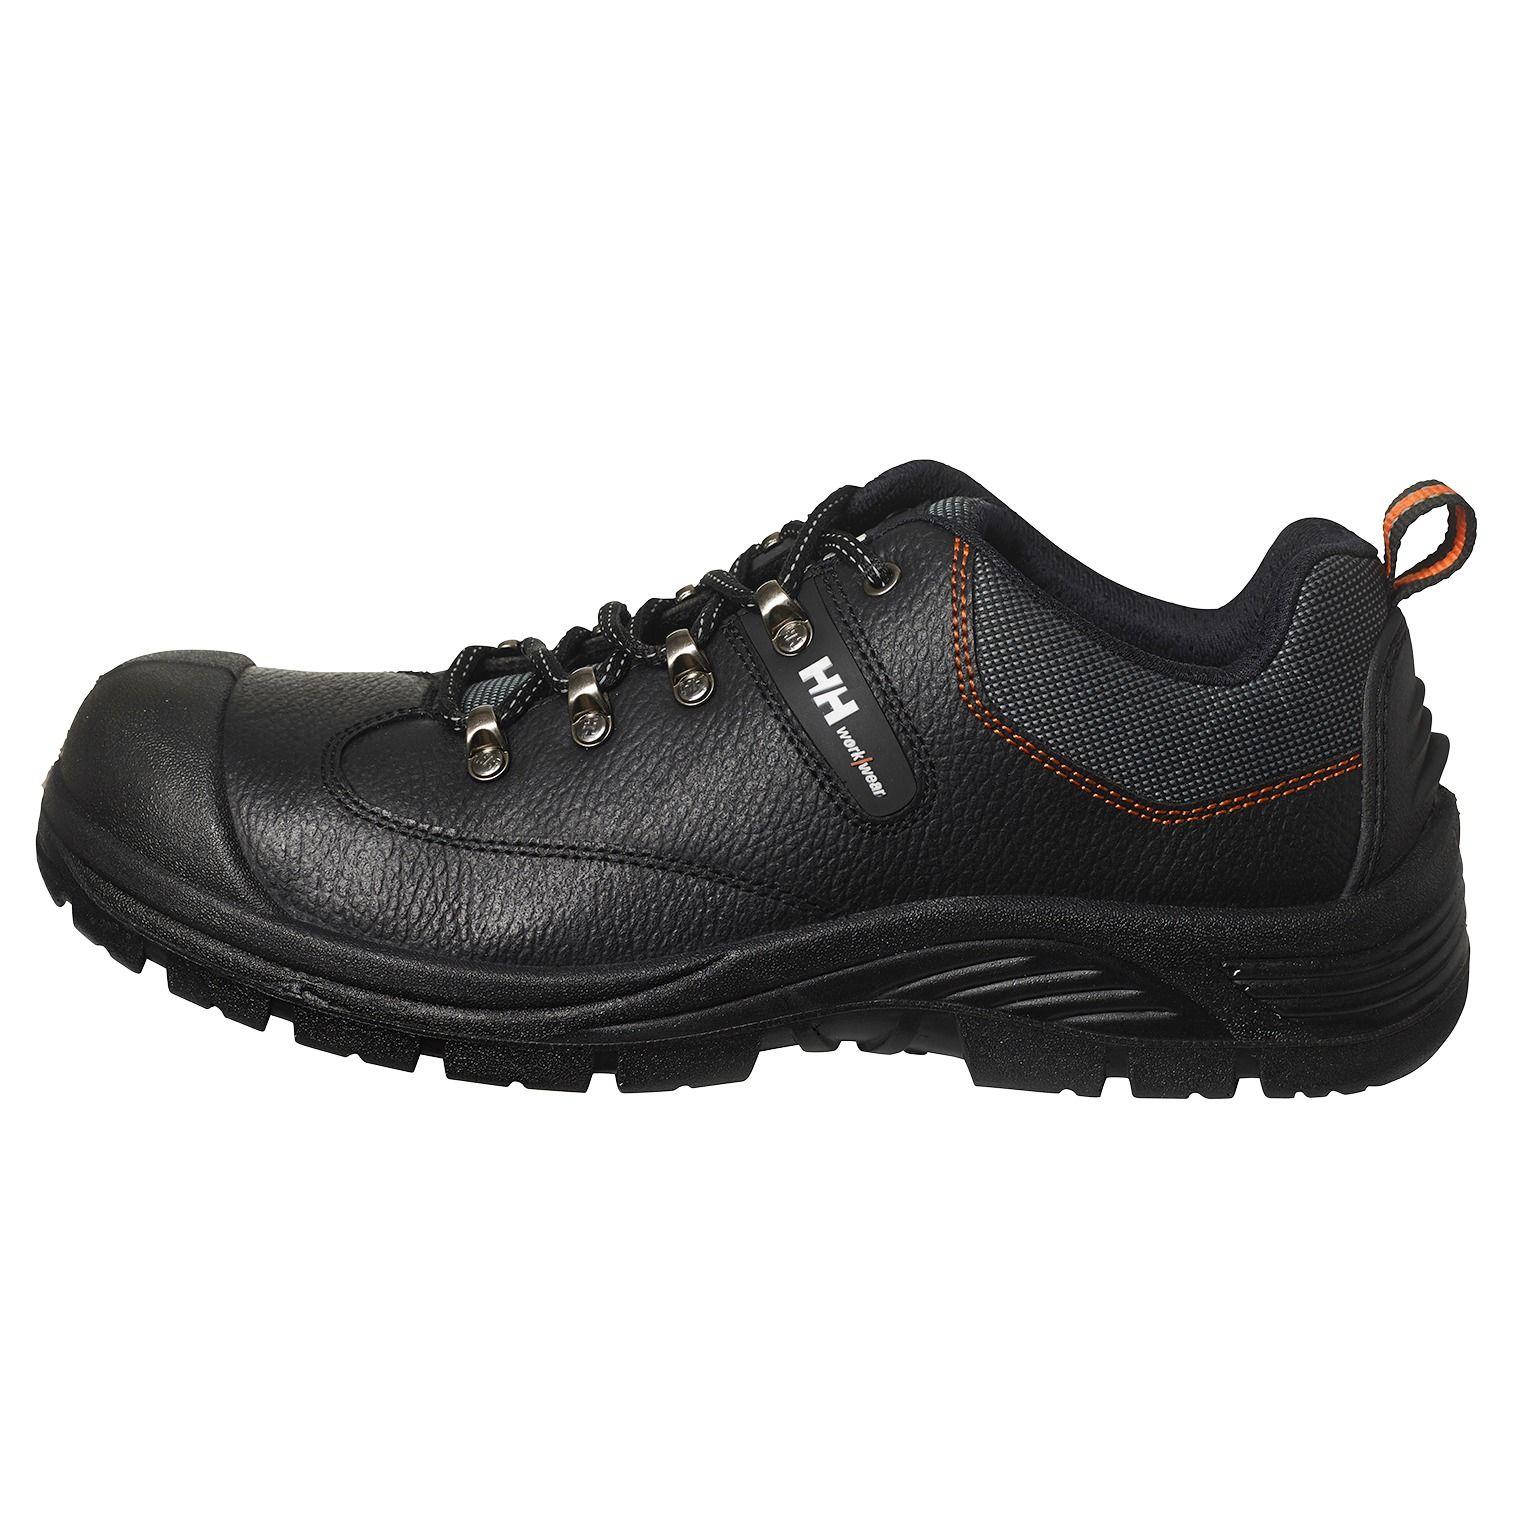 nueva colección tienda de descuento mejor sitio Zapatos de seguridad comodos | Zapatos de trabajo comodos ...